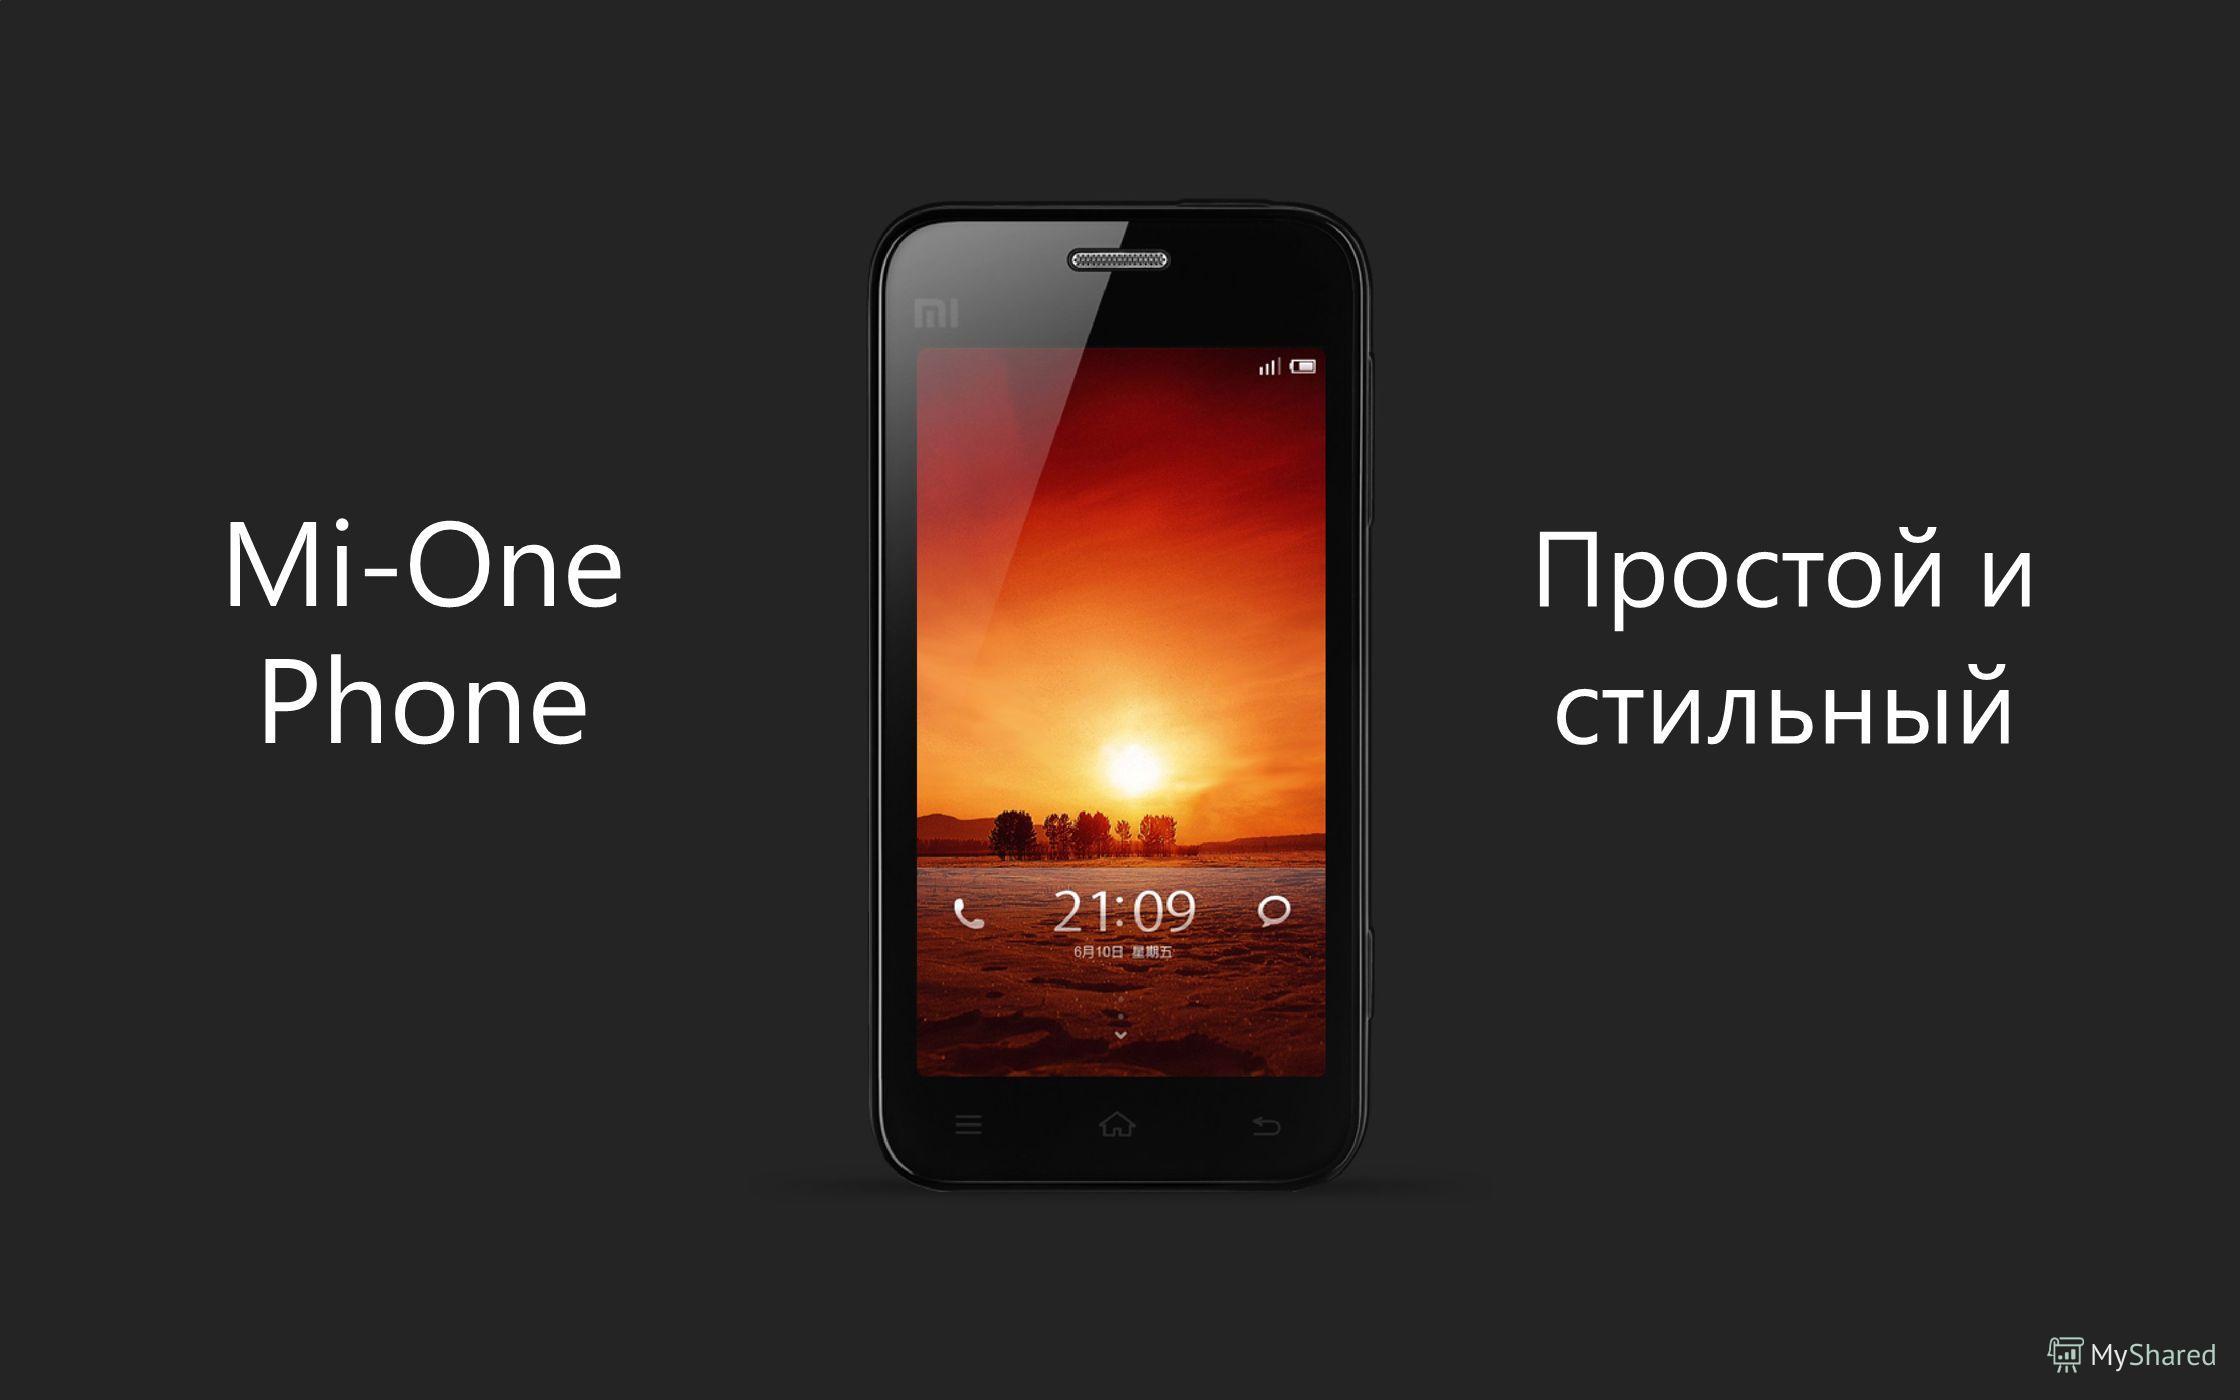 Mi-One Phone Простой и стильный